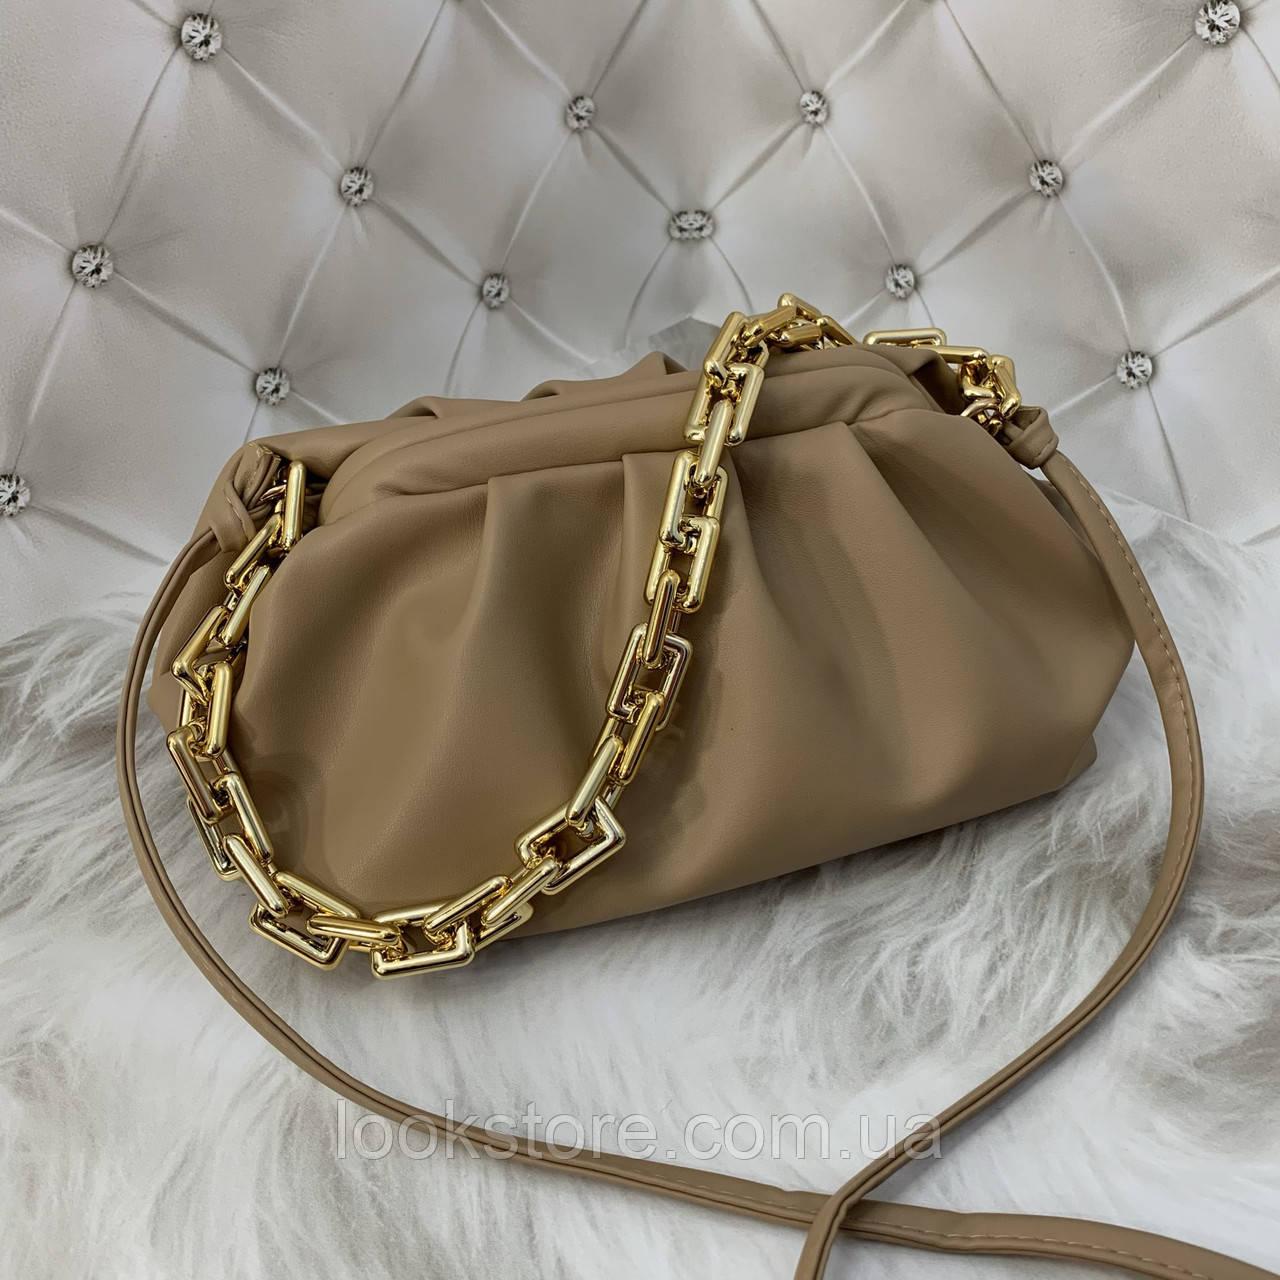 Трендовая женская сумка в стиле Bottega пельмень на цепочке бежевая